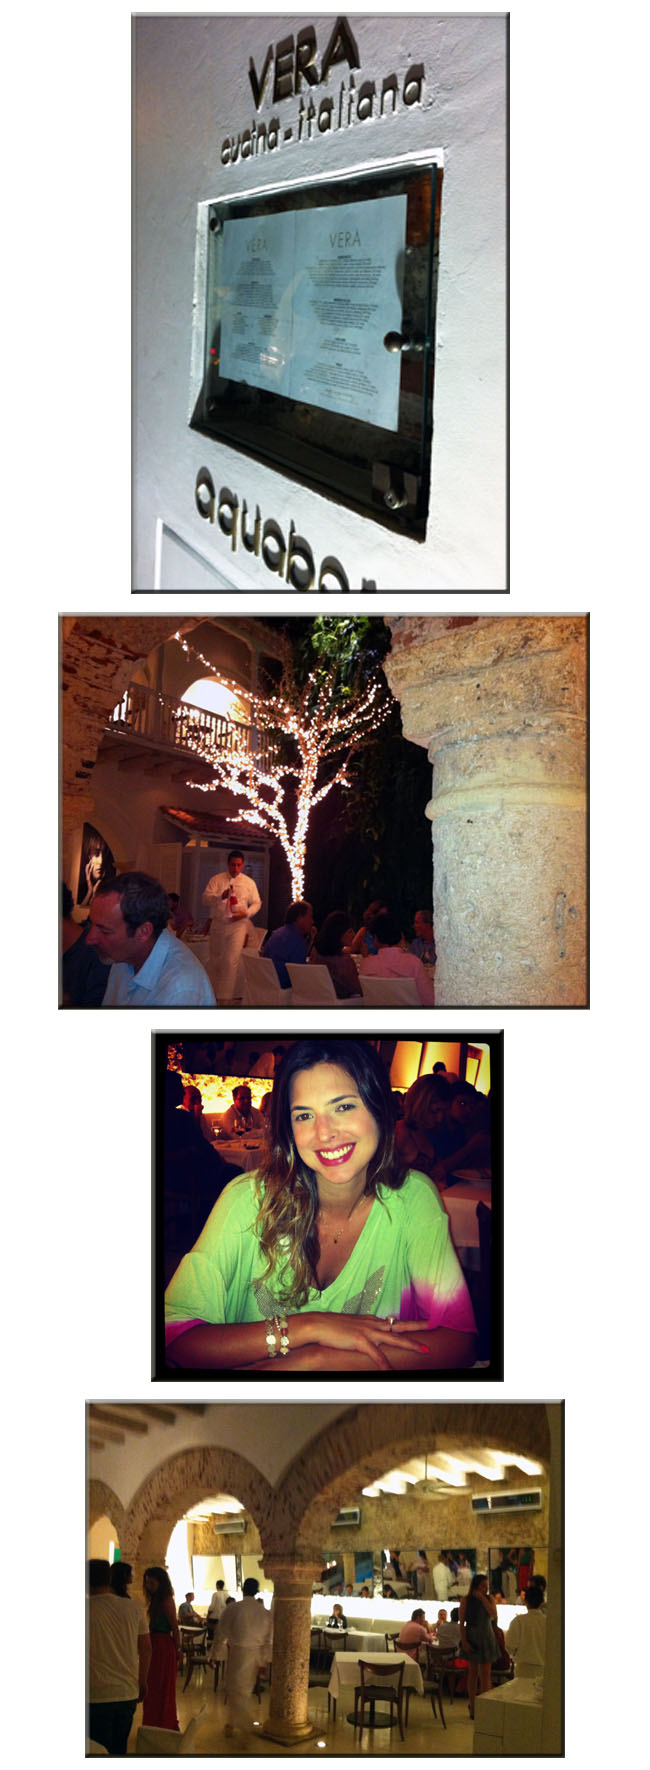 Vera, Restaurante Vera, Restaurante Vera Cartagena, Cartagena, Cartagena de Indias, Cartagena colombia, Dicas de Cartagena, restaurantes em Cartagena, onde comer em Cartagena, viagens, dicas leblog